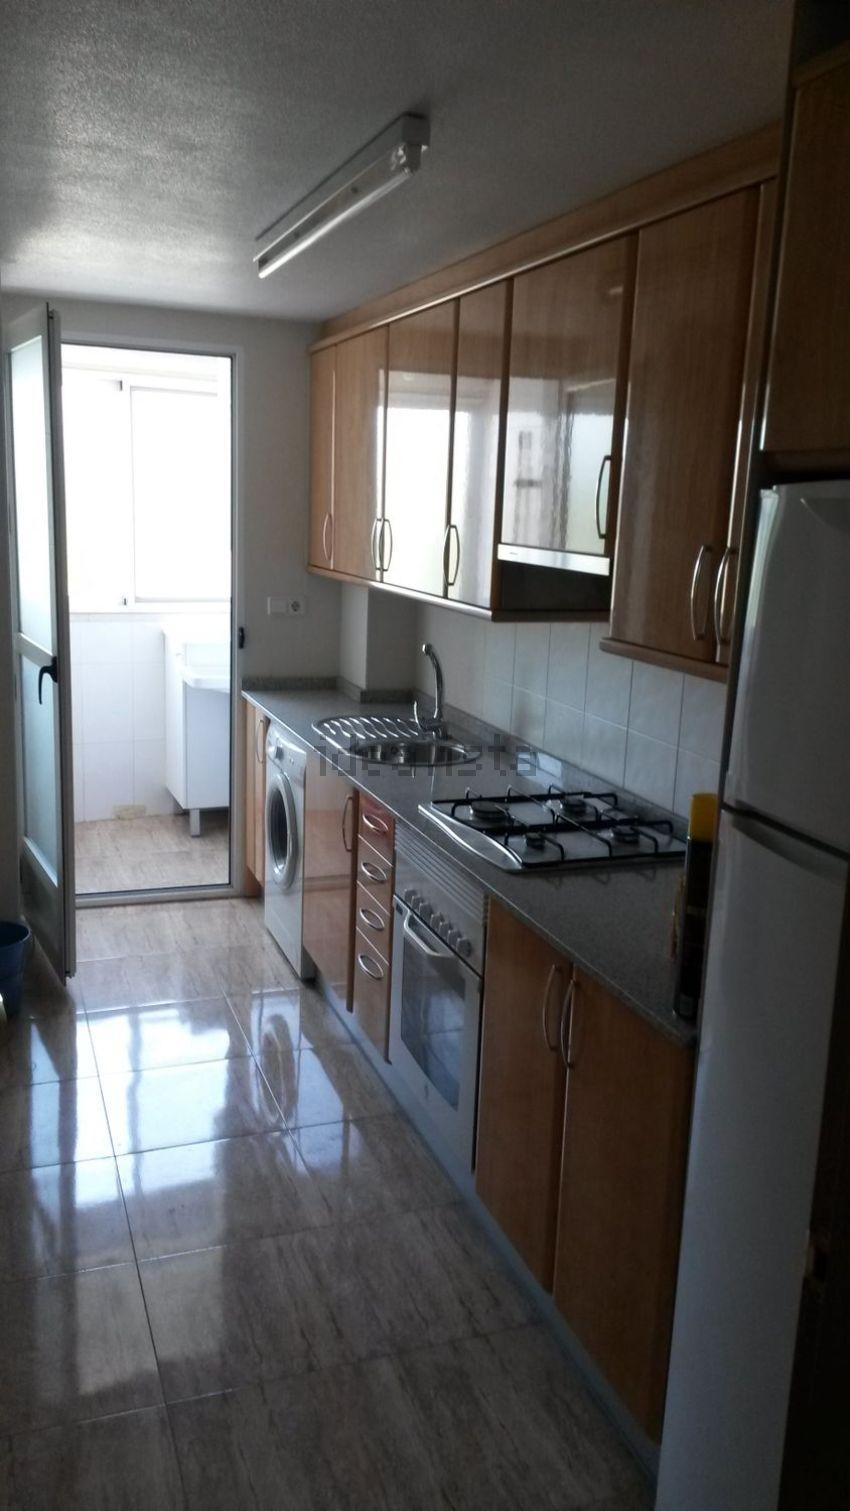 Piso en Reino de Murcia, Zona Juan de Borbón, Murcia